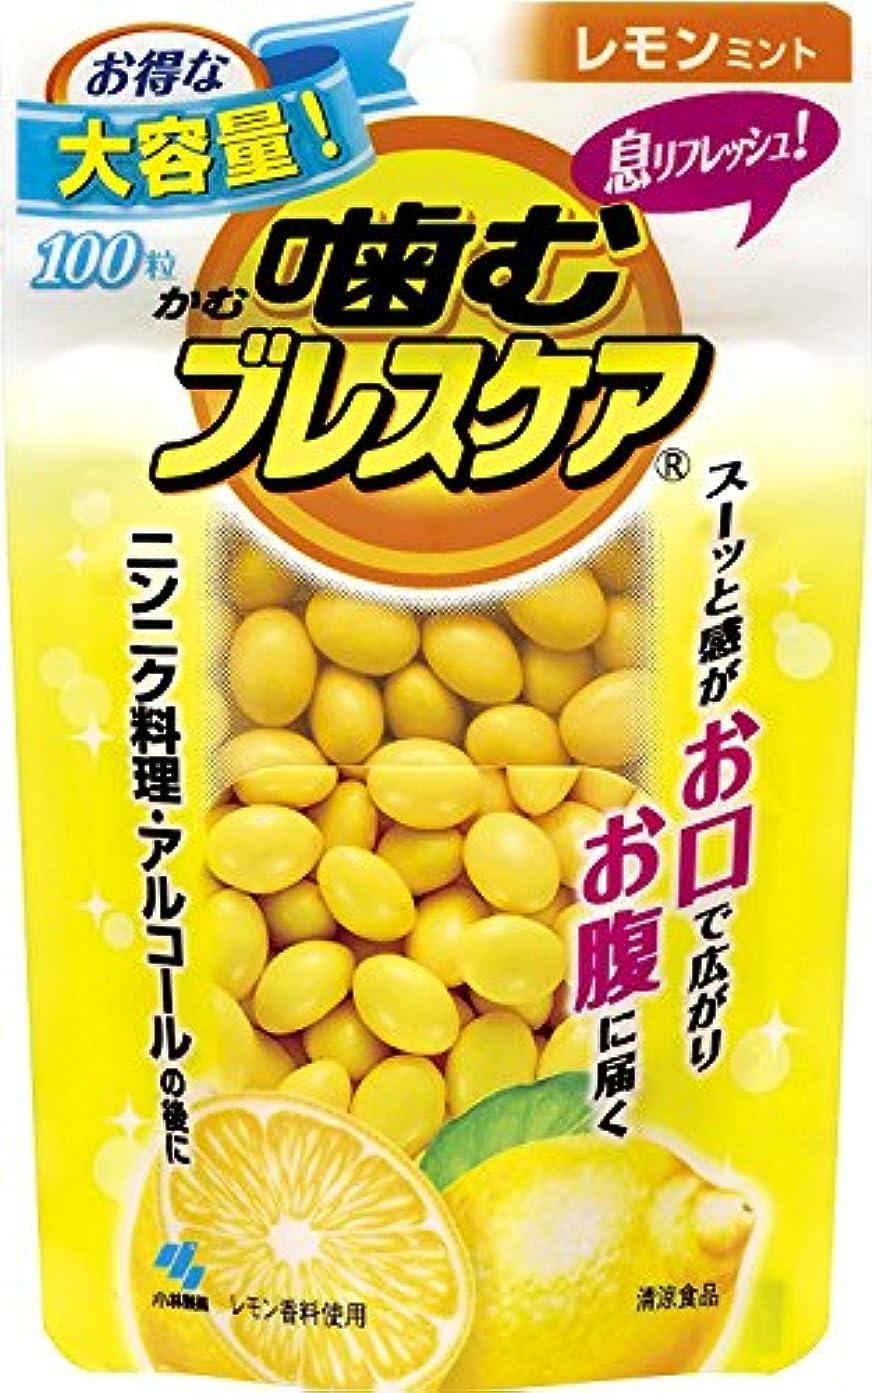 可動重要な役割を果たす、中心的な手段となる男噛むブレスケア 息リフレッシュグミ レモンミント パウチタイプ お得な大容量 100粒